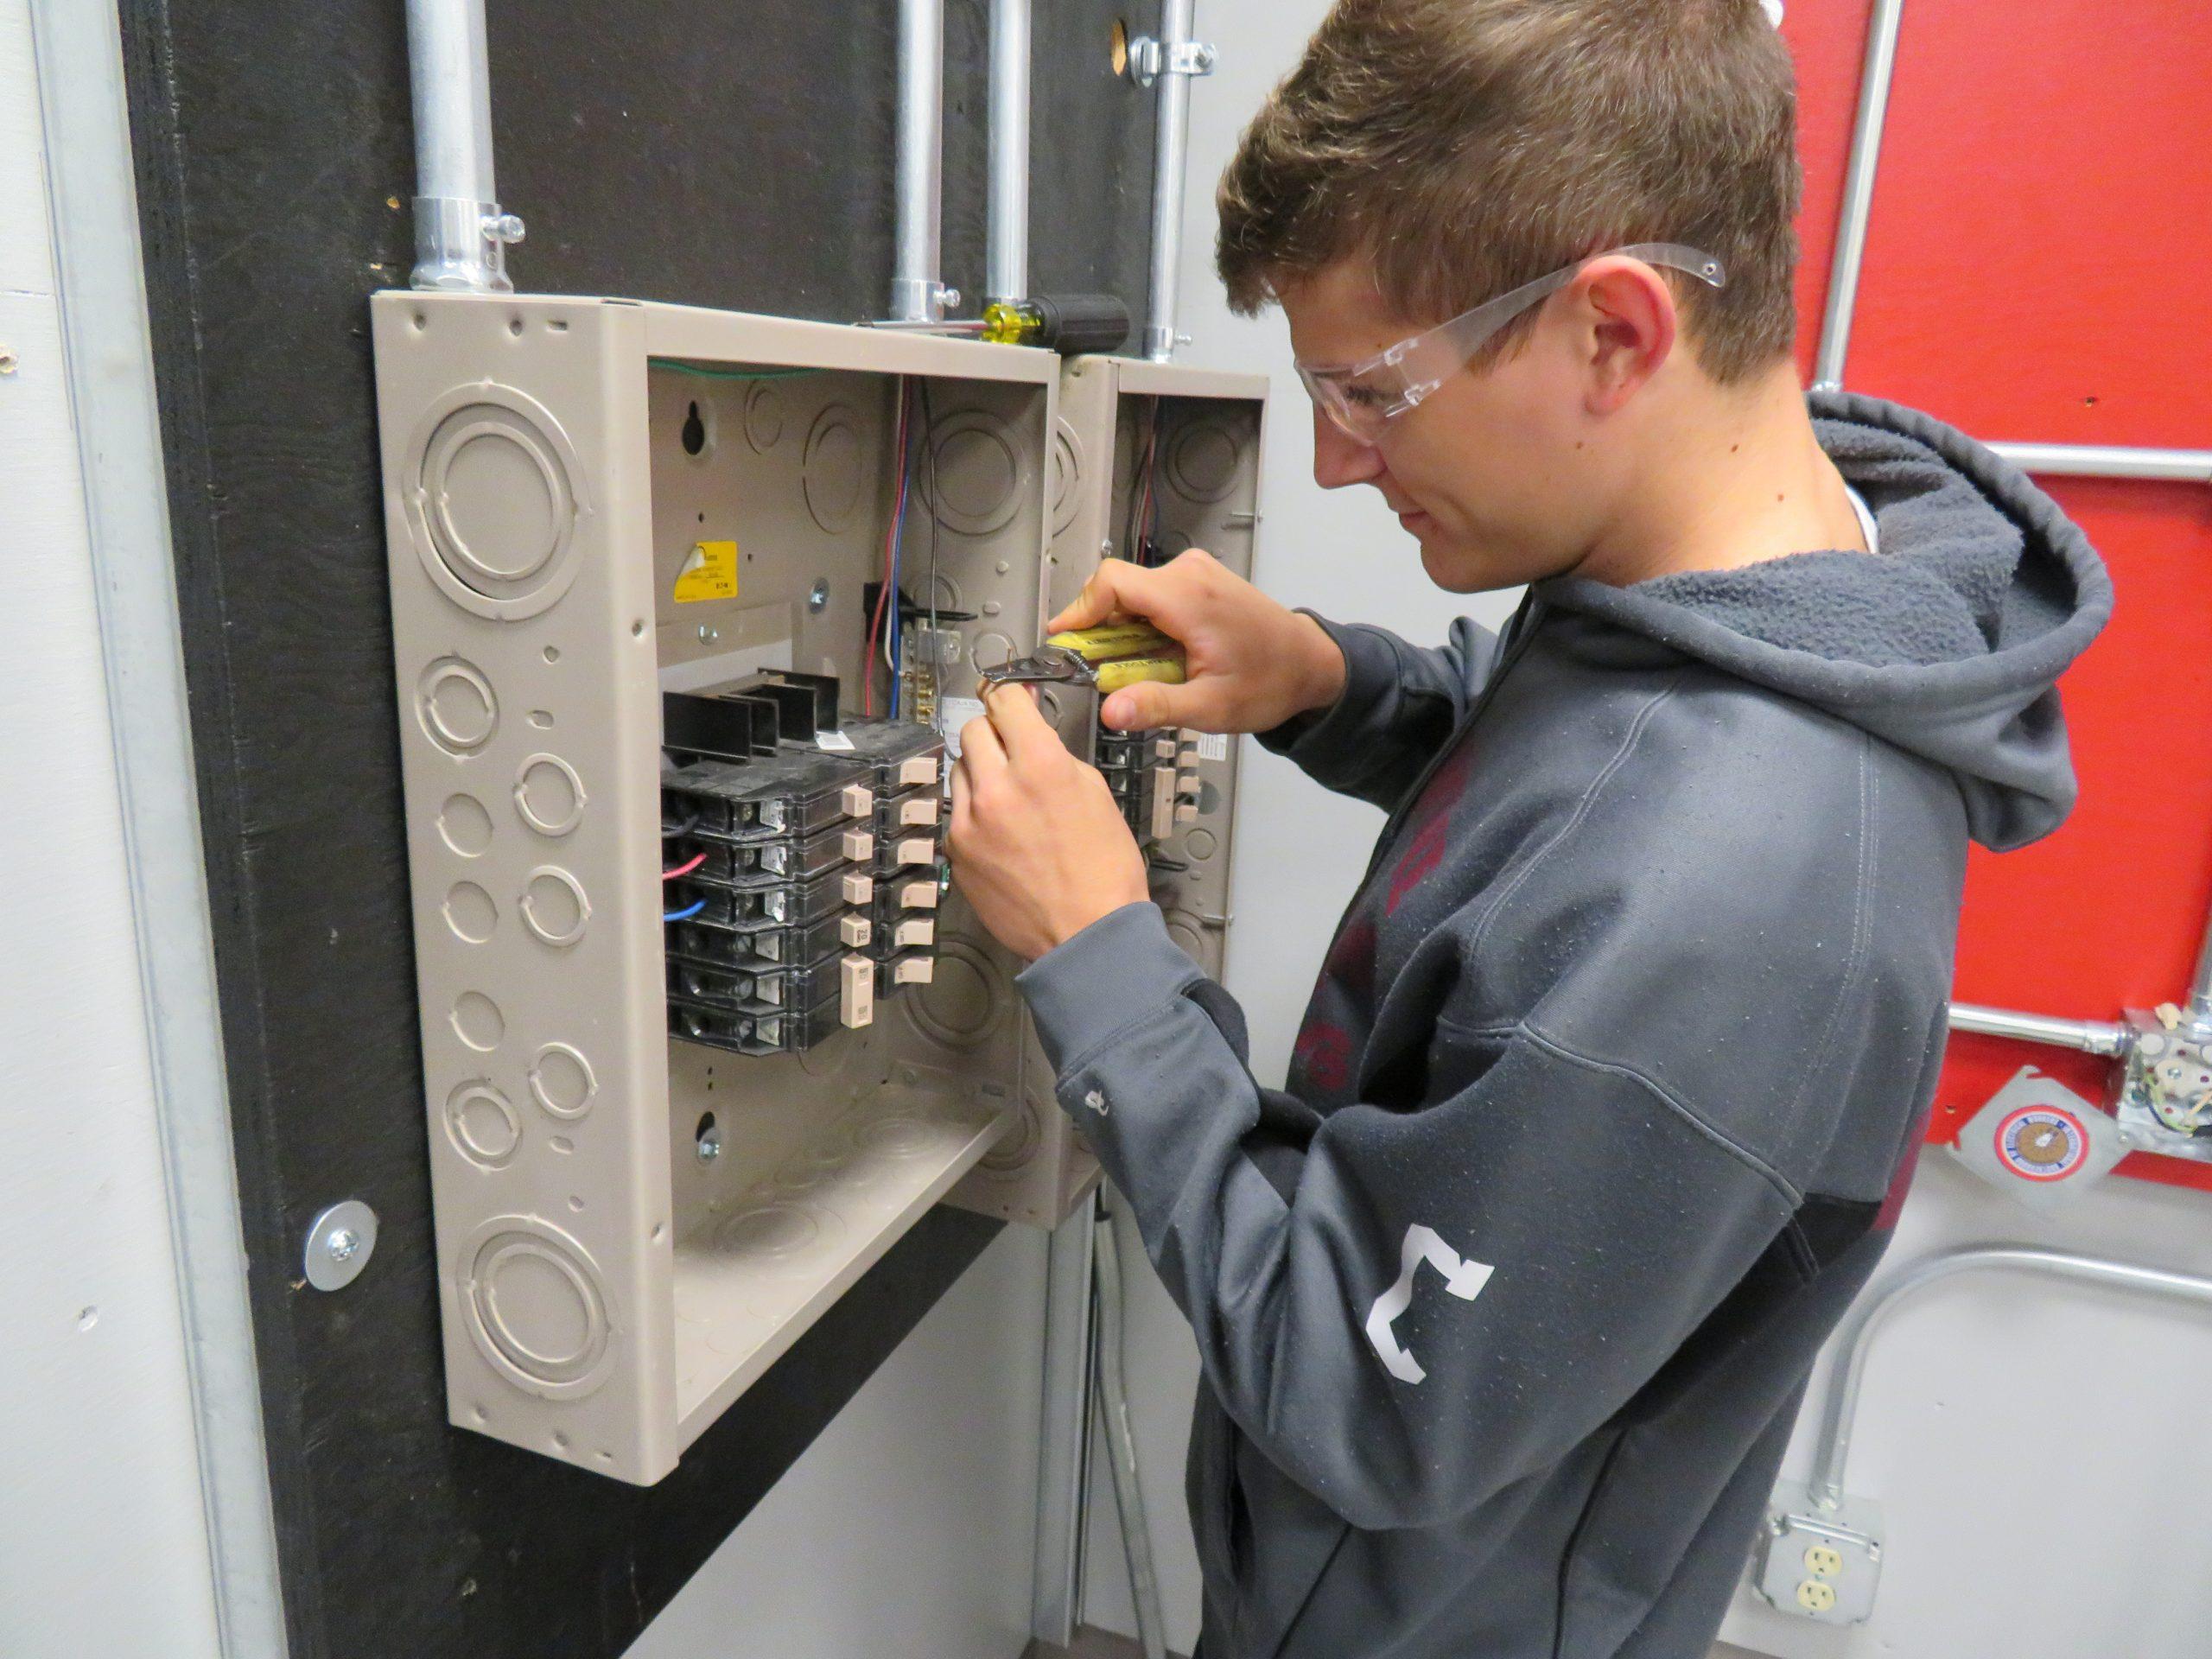 IBEW Local 743 Apprentice